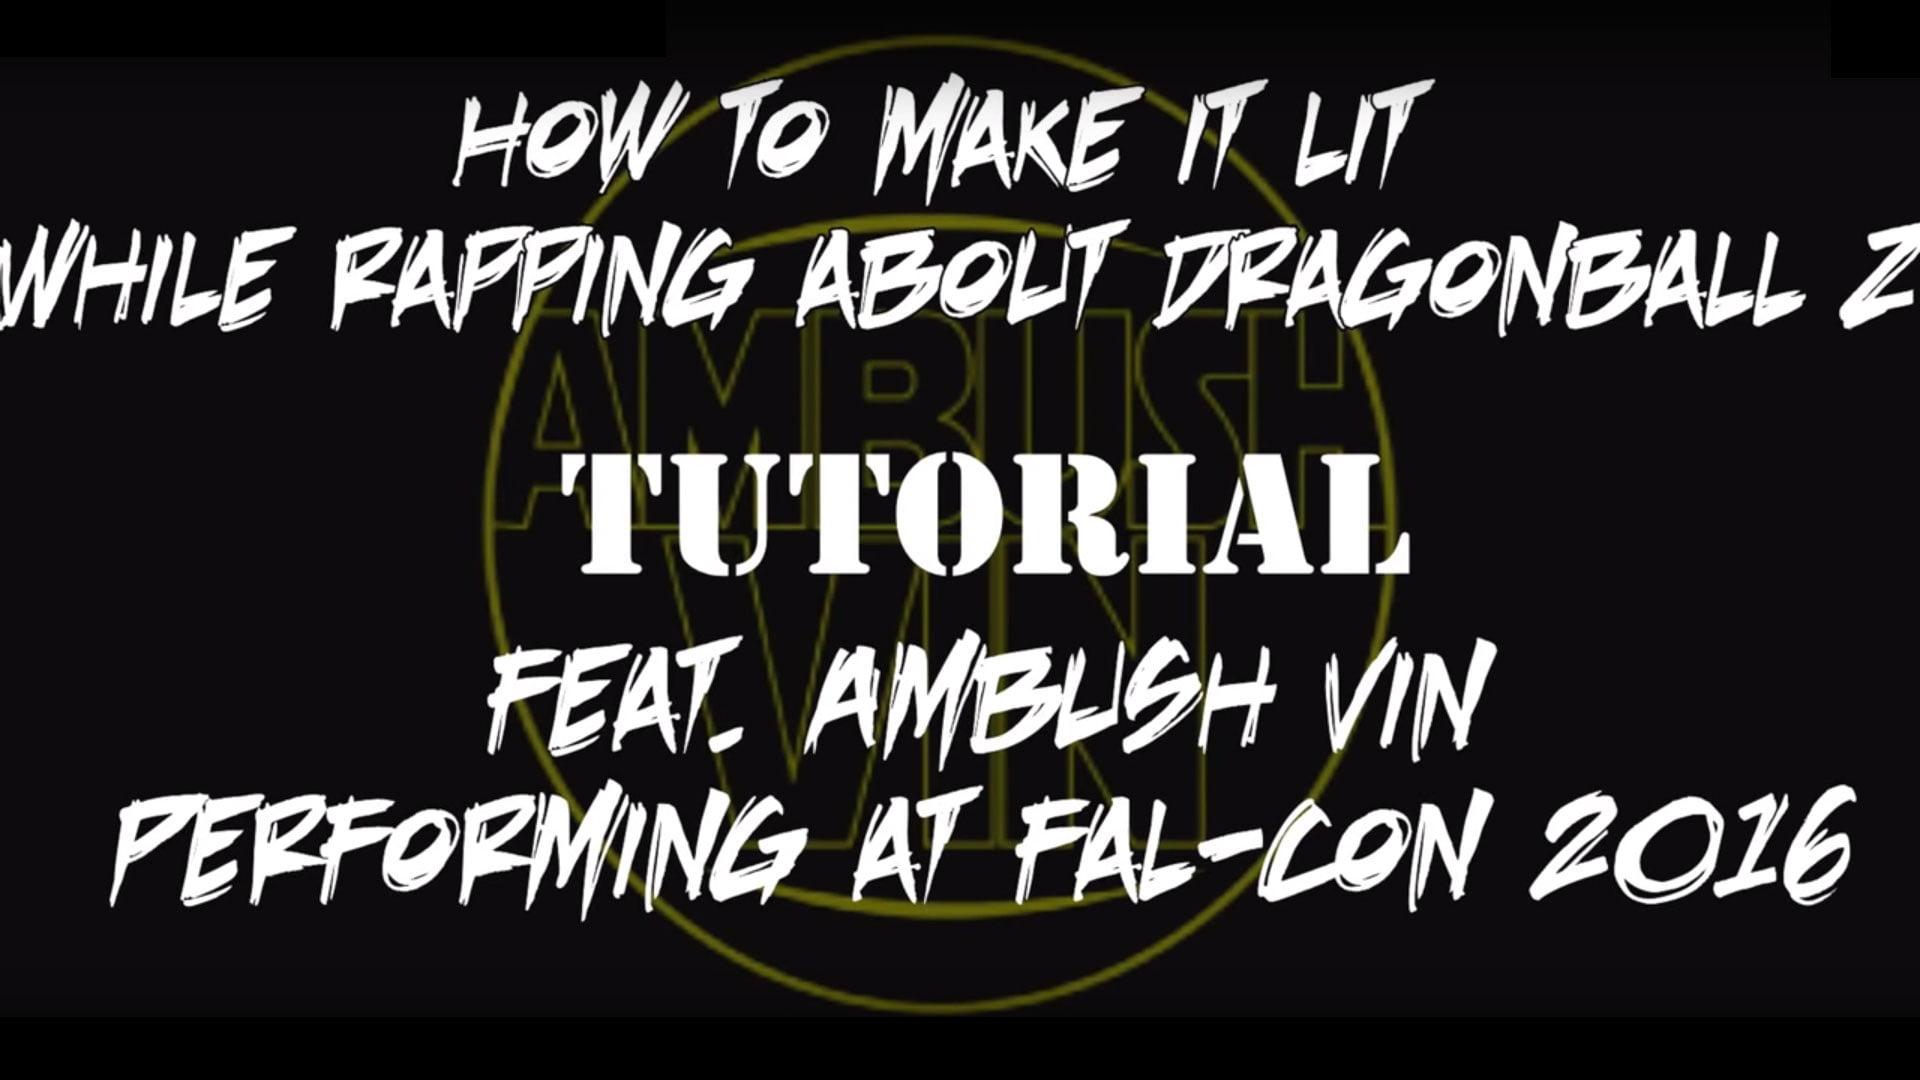 Ambush Vin performing Sci-Fi Music - Fal-Con